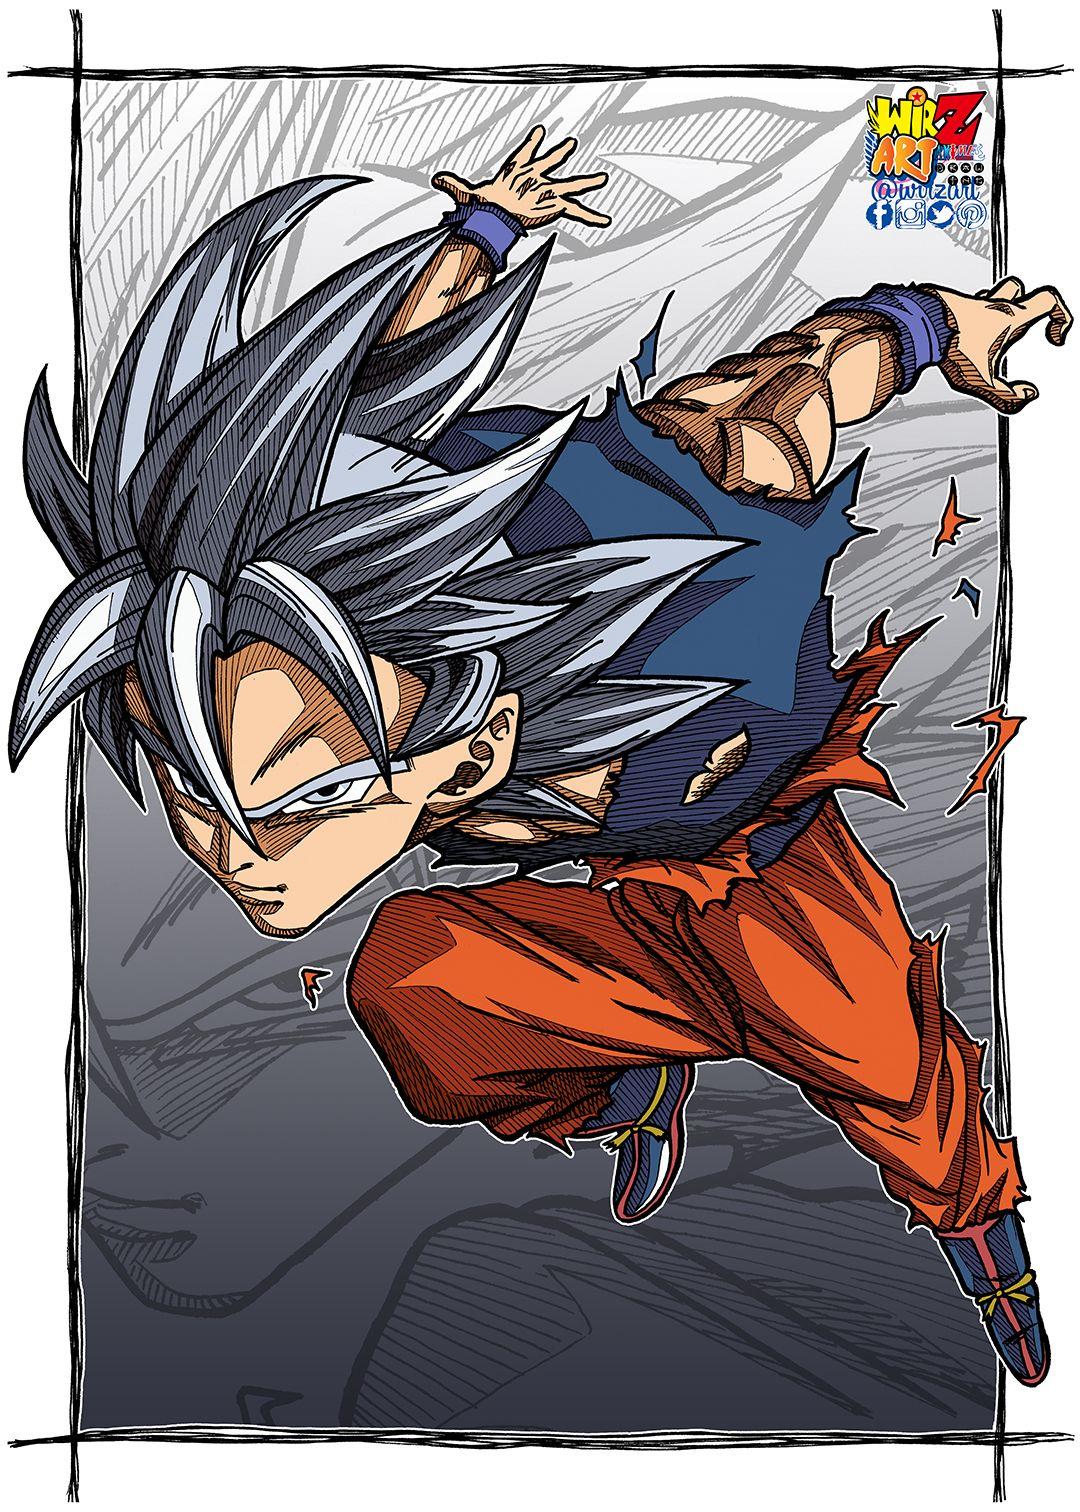 Goku Mui Colorƶ Dragon Ball Art Goku Dragon Ball Super Artwork Anime Dragon Ball Super